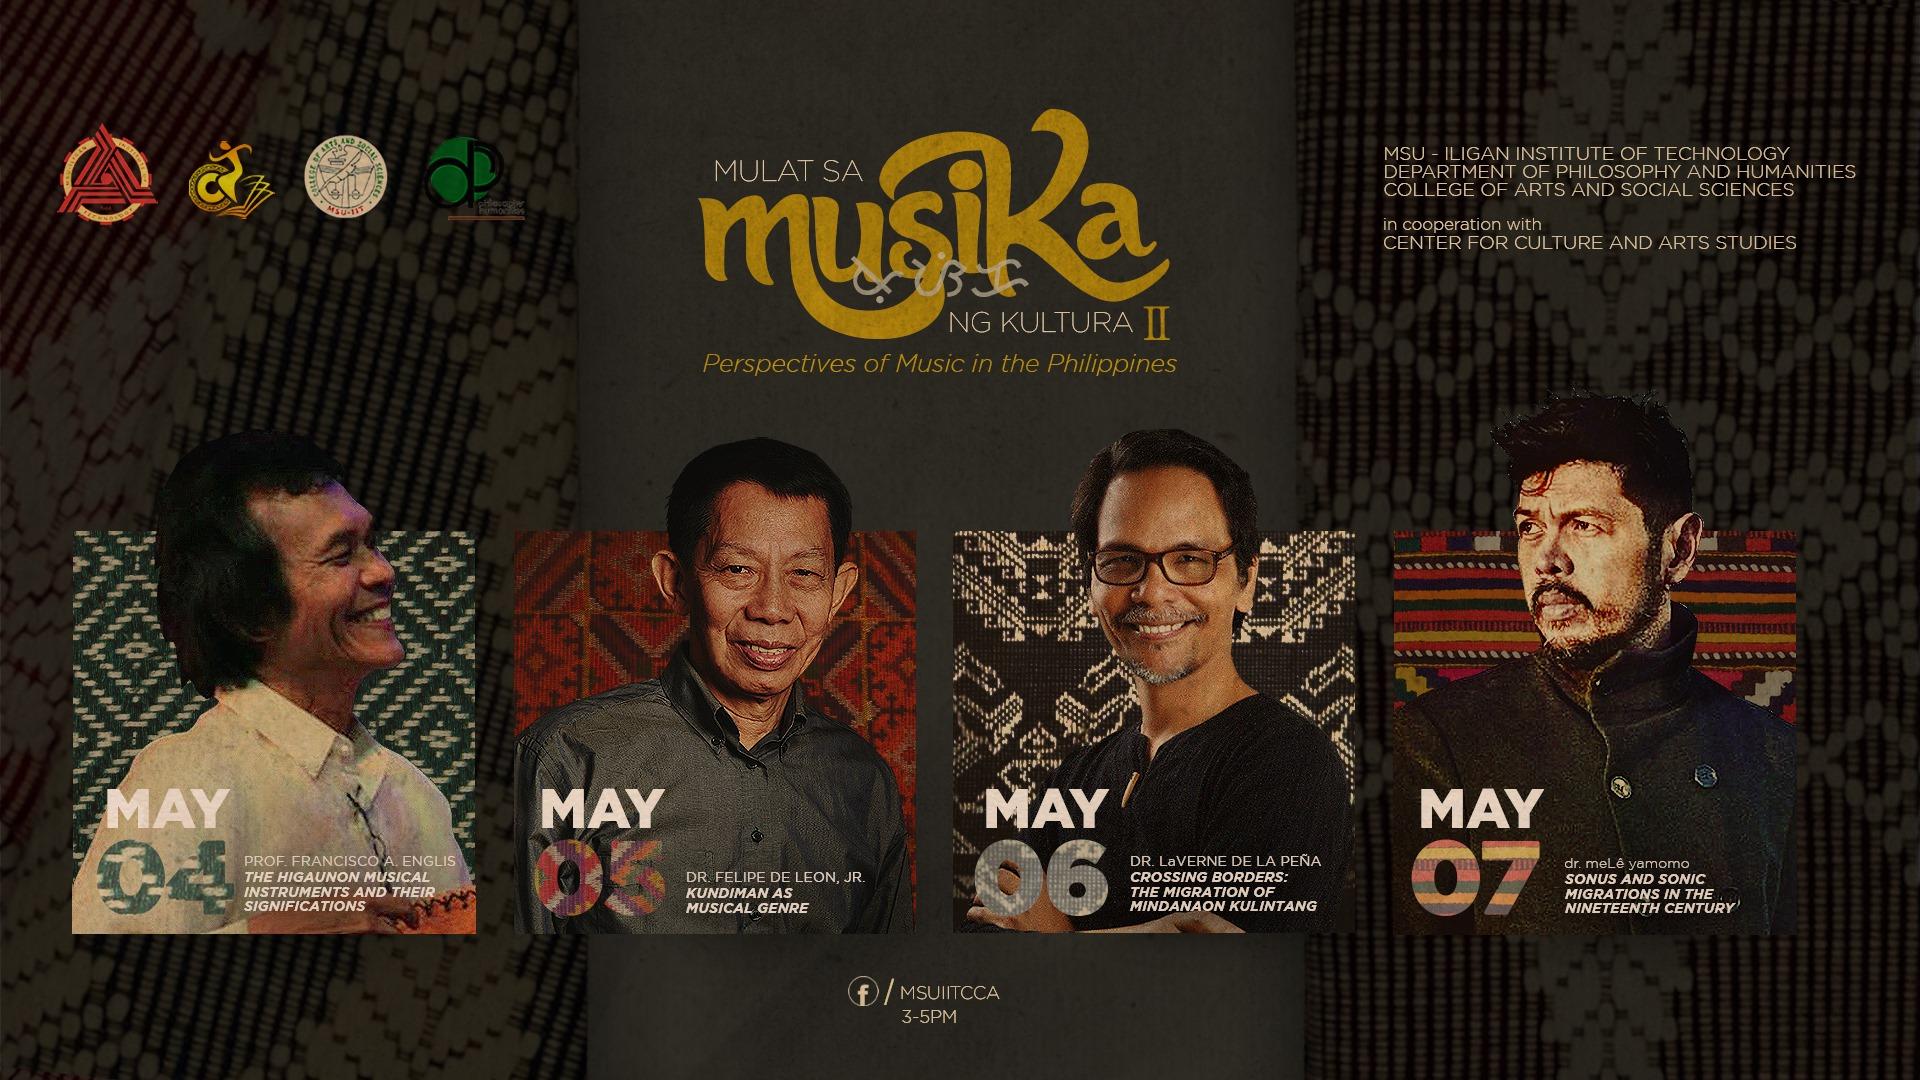 Mulat sa Musika ng Kultura 2